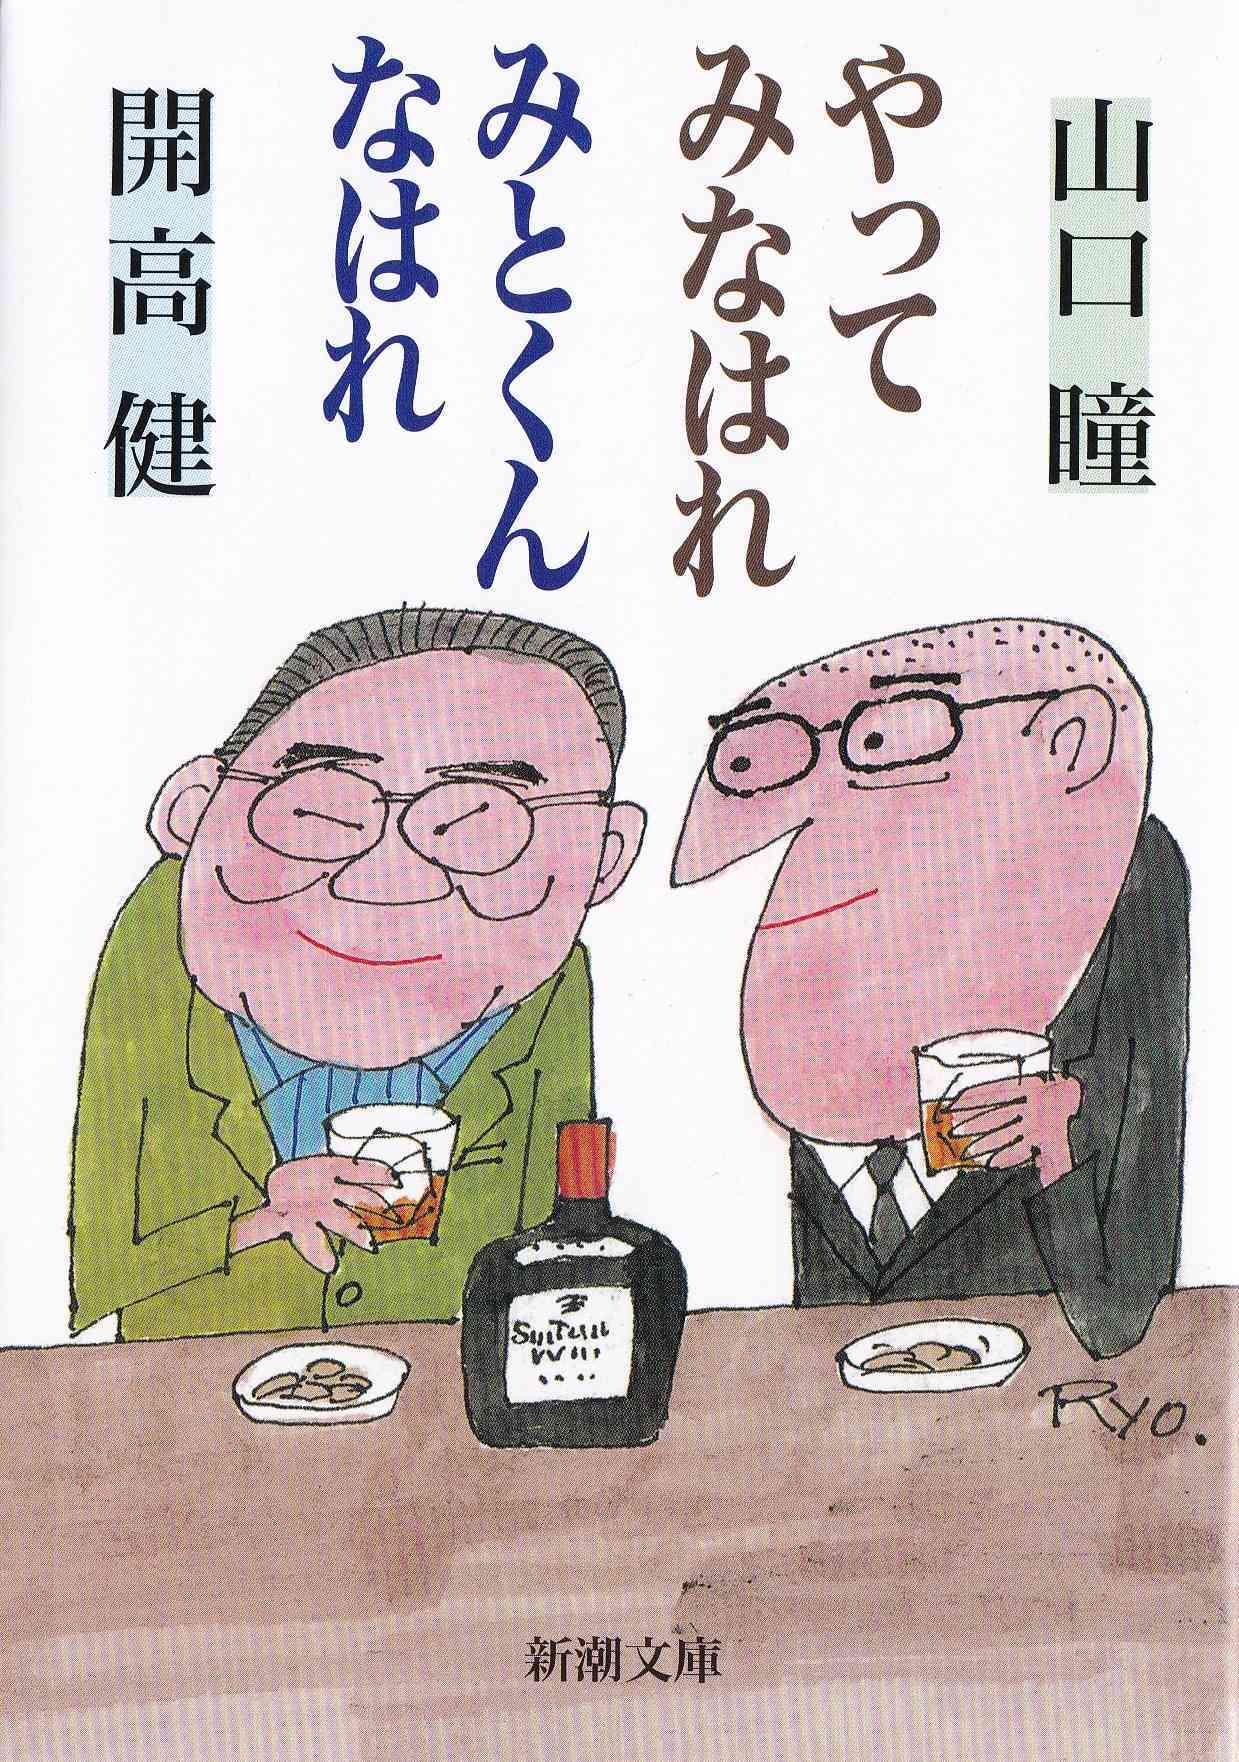 芥川賞作家と直木賞作家が_d0338347_17290402.jpg